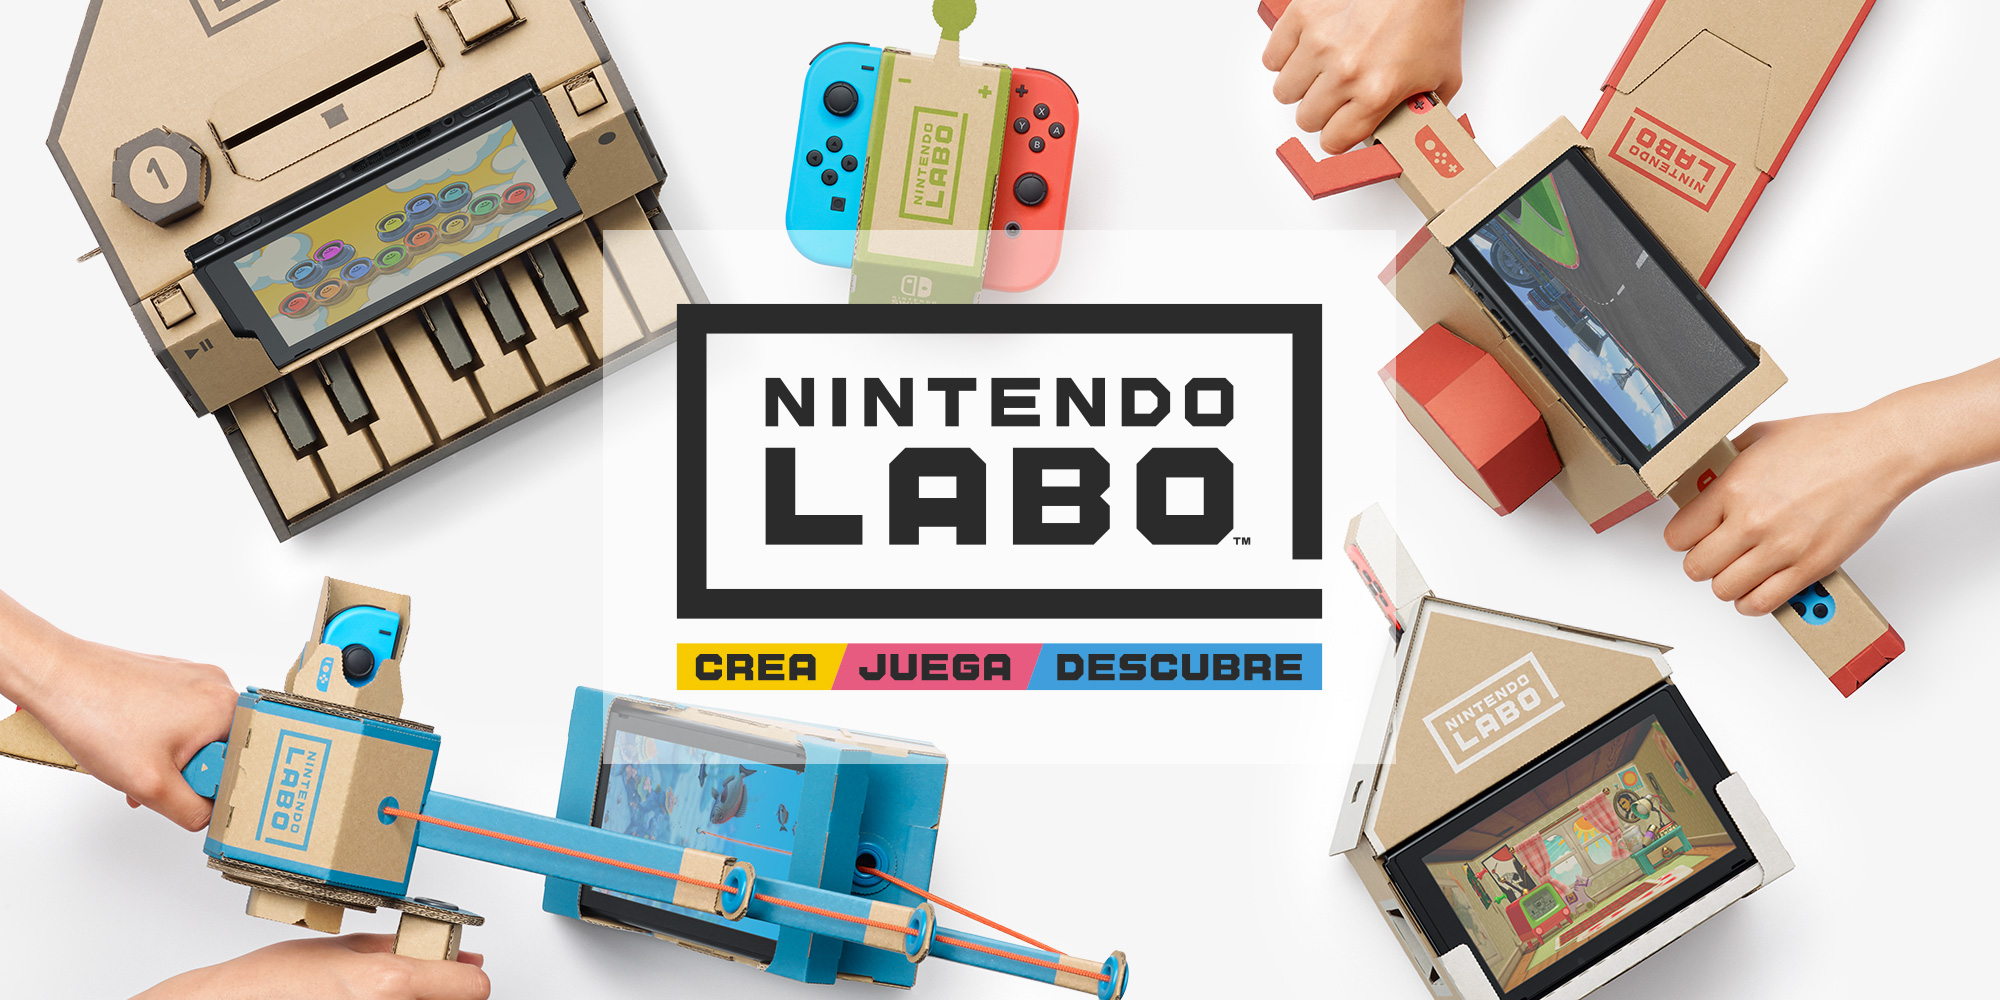 Nintendo Labo Nintendo